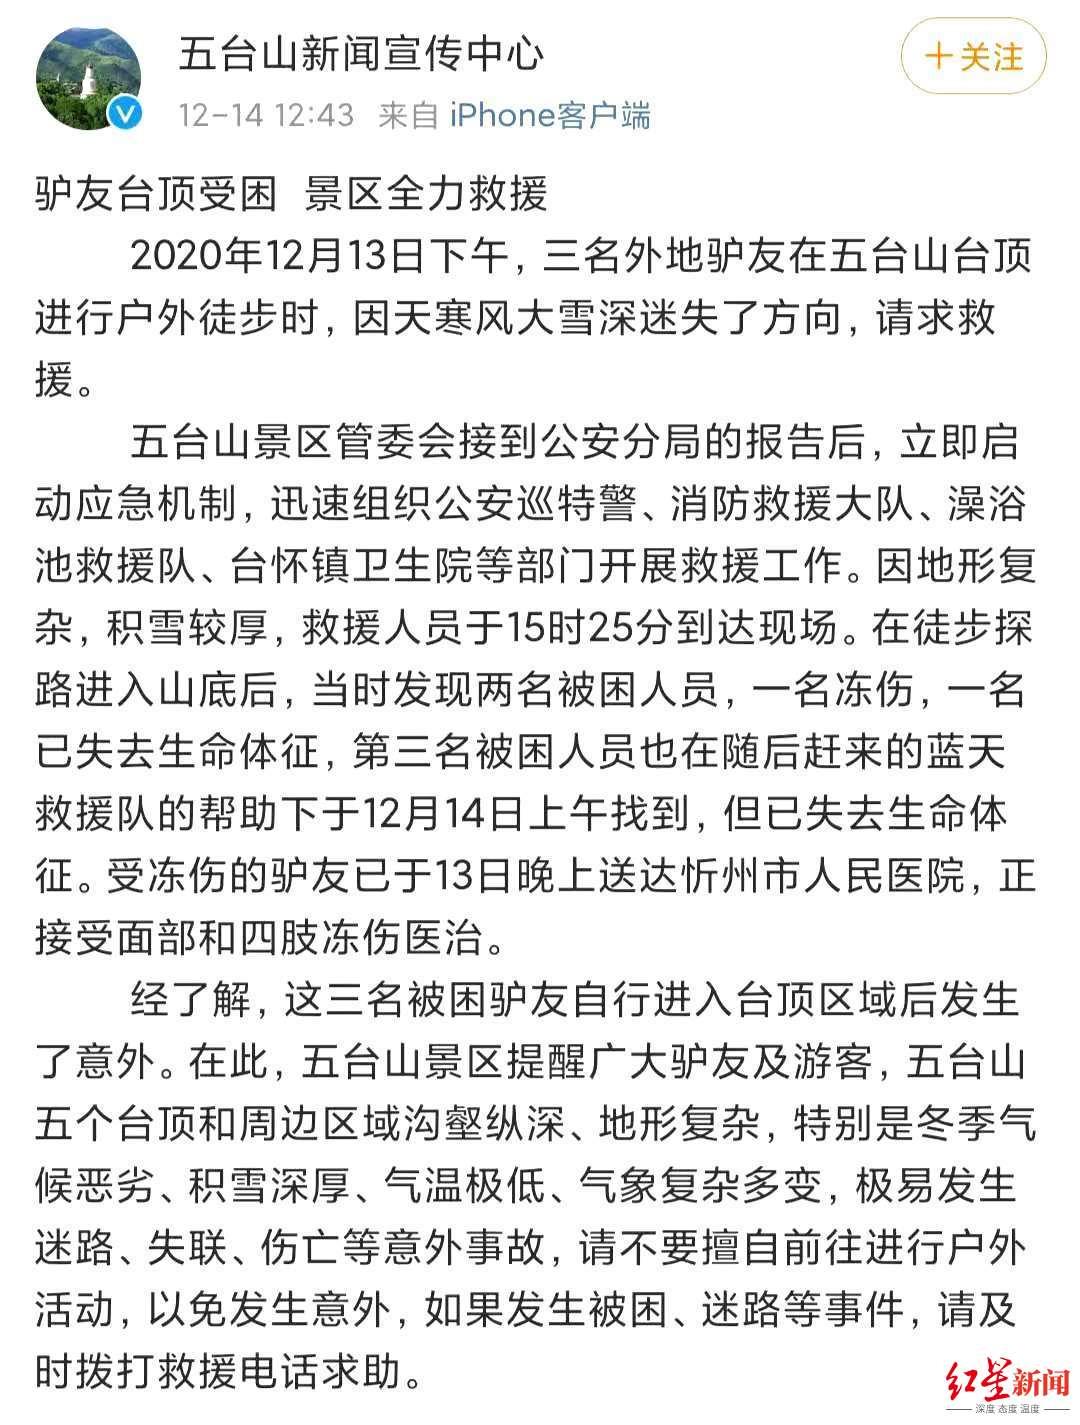 【希望工程激励行动】_山西五台山3名驴友被困 景区回应:2人死亡1人冻伤